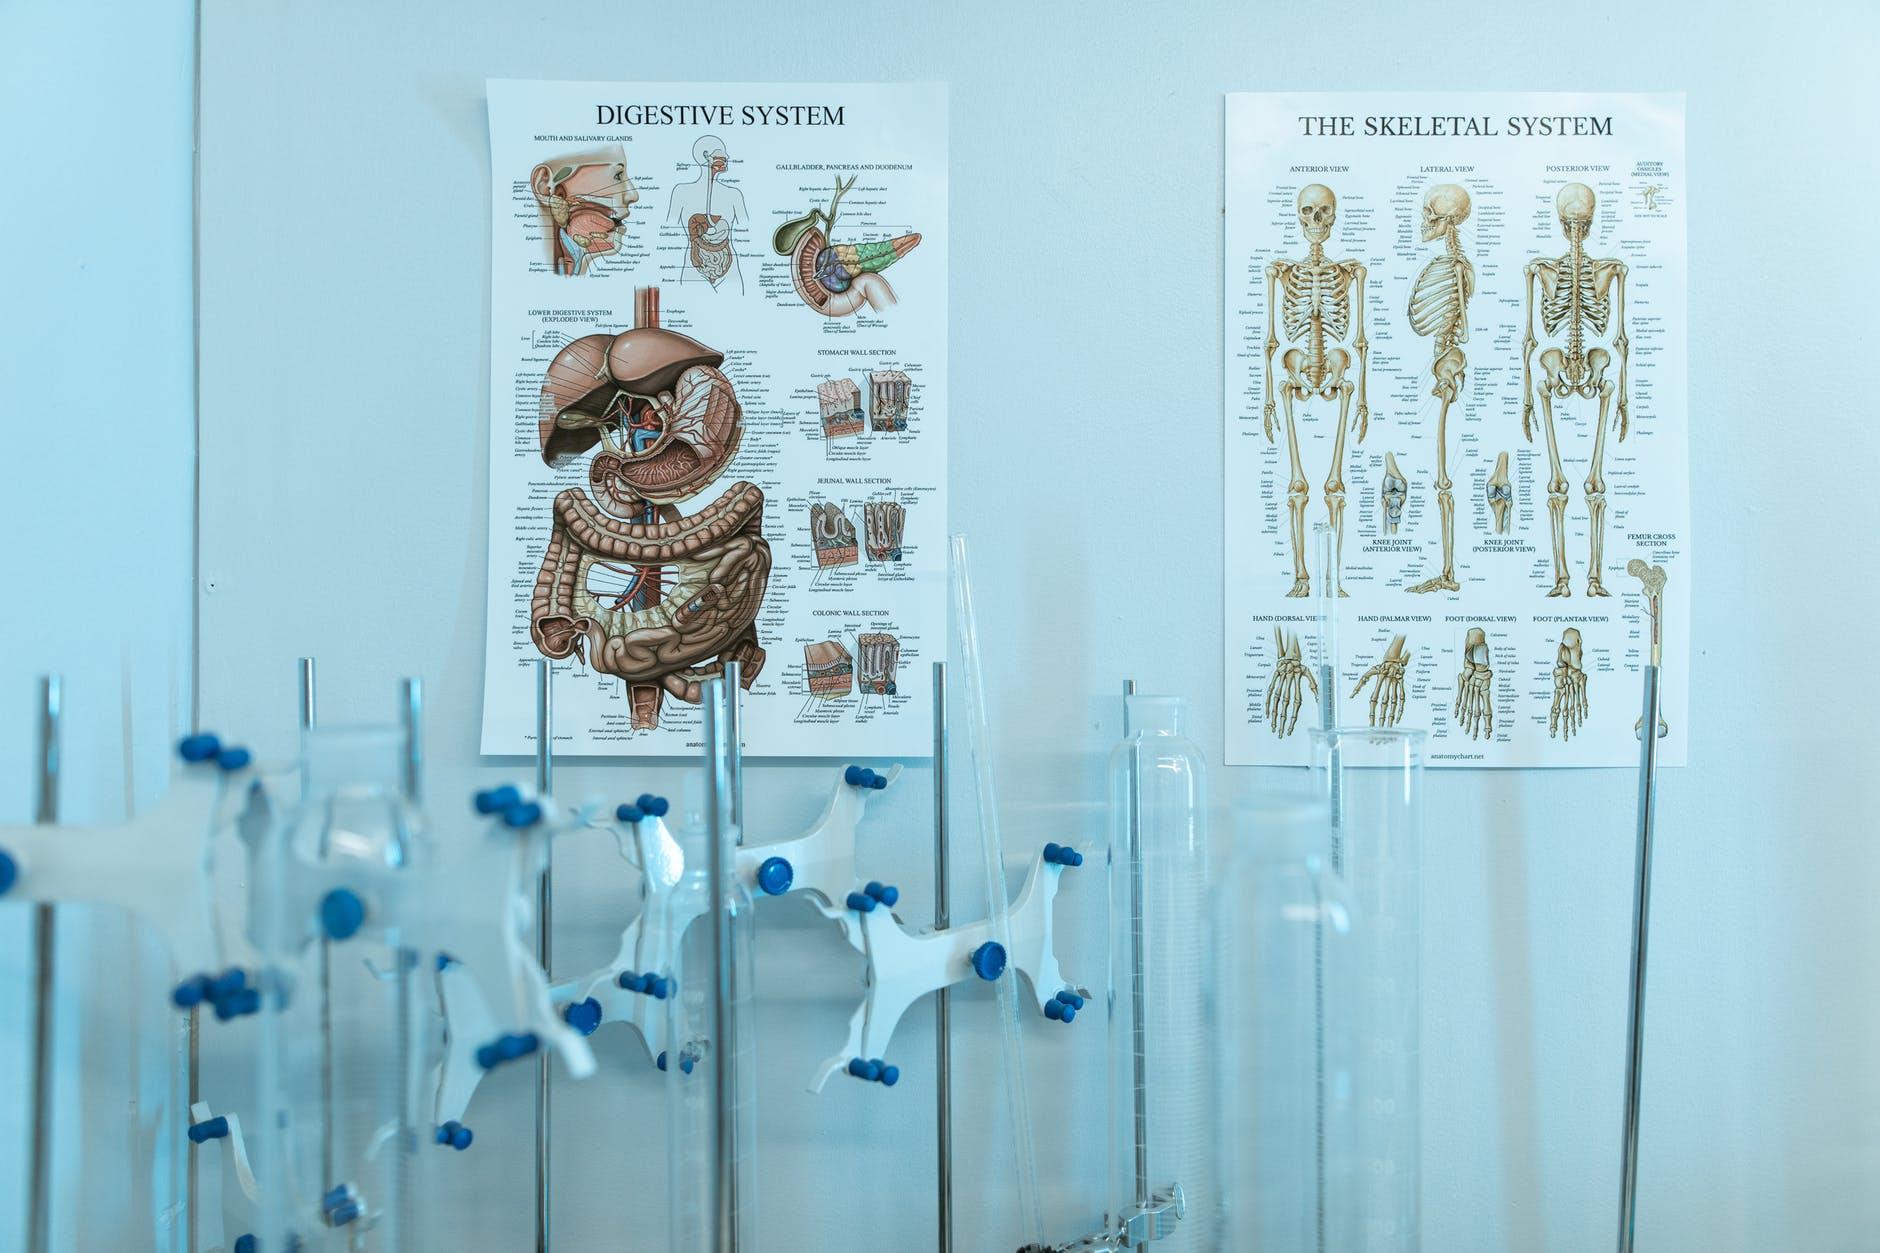 que-saber-para-estudiar-enfermeria-oaxaca-urse-3